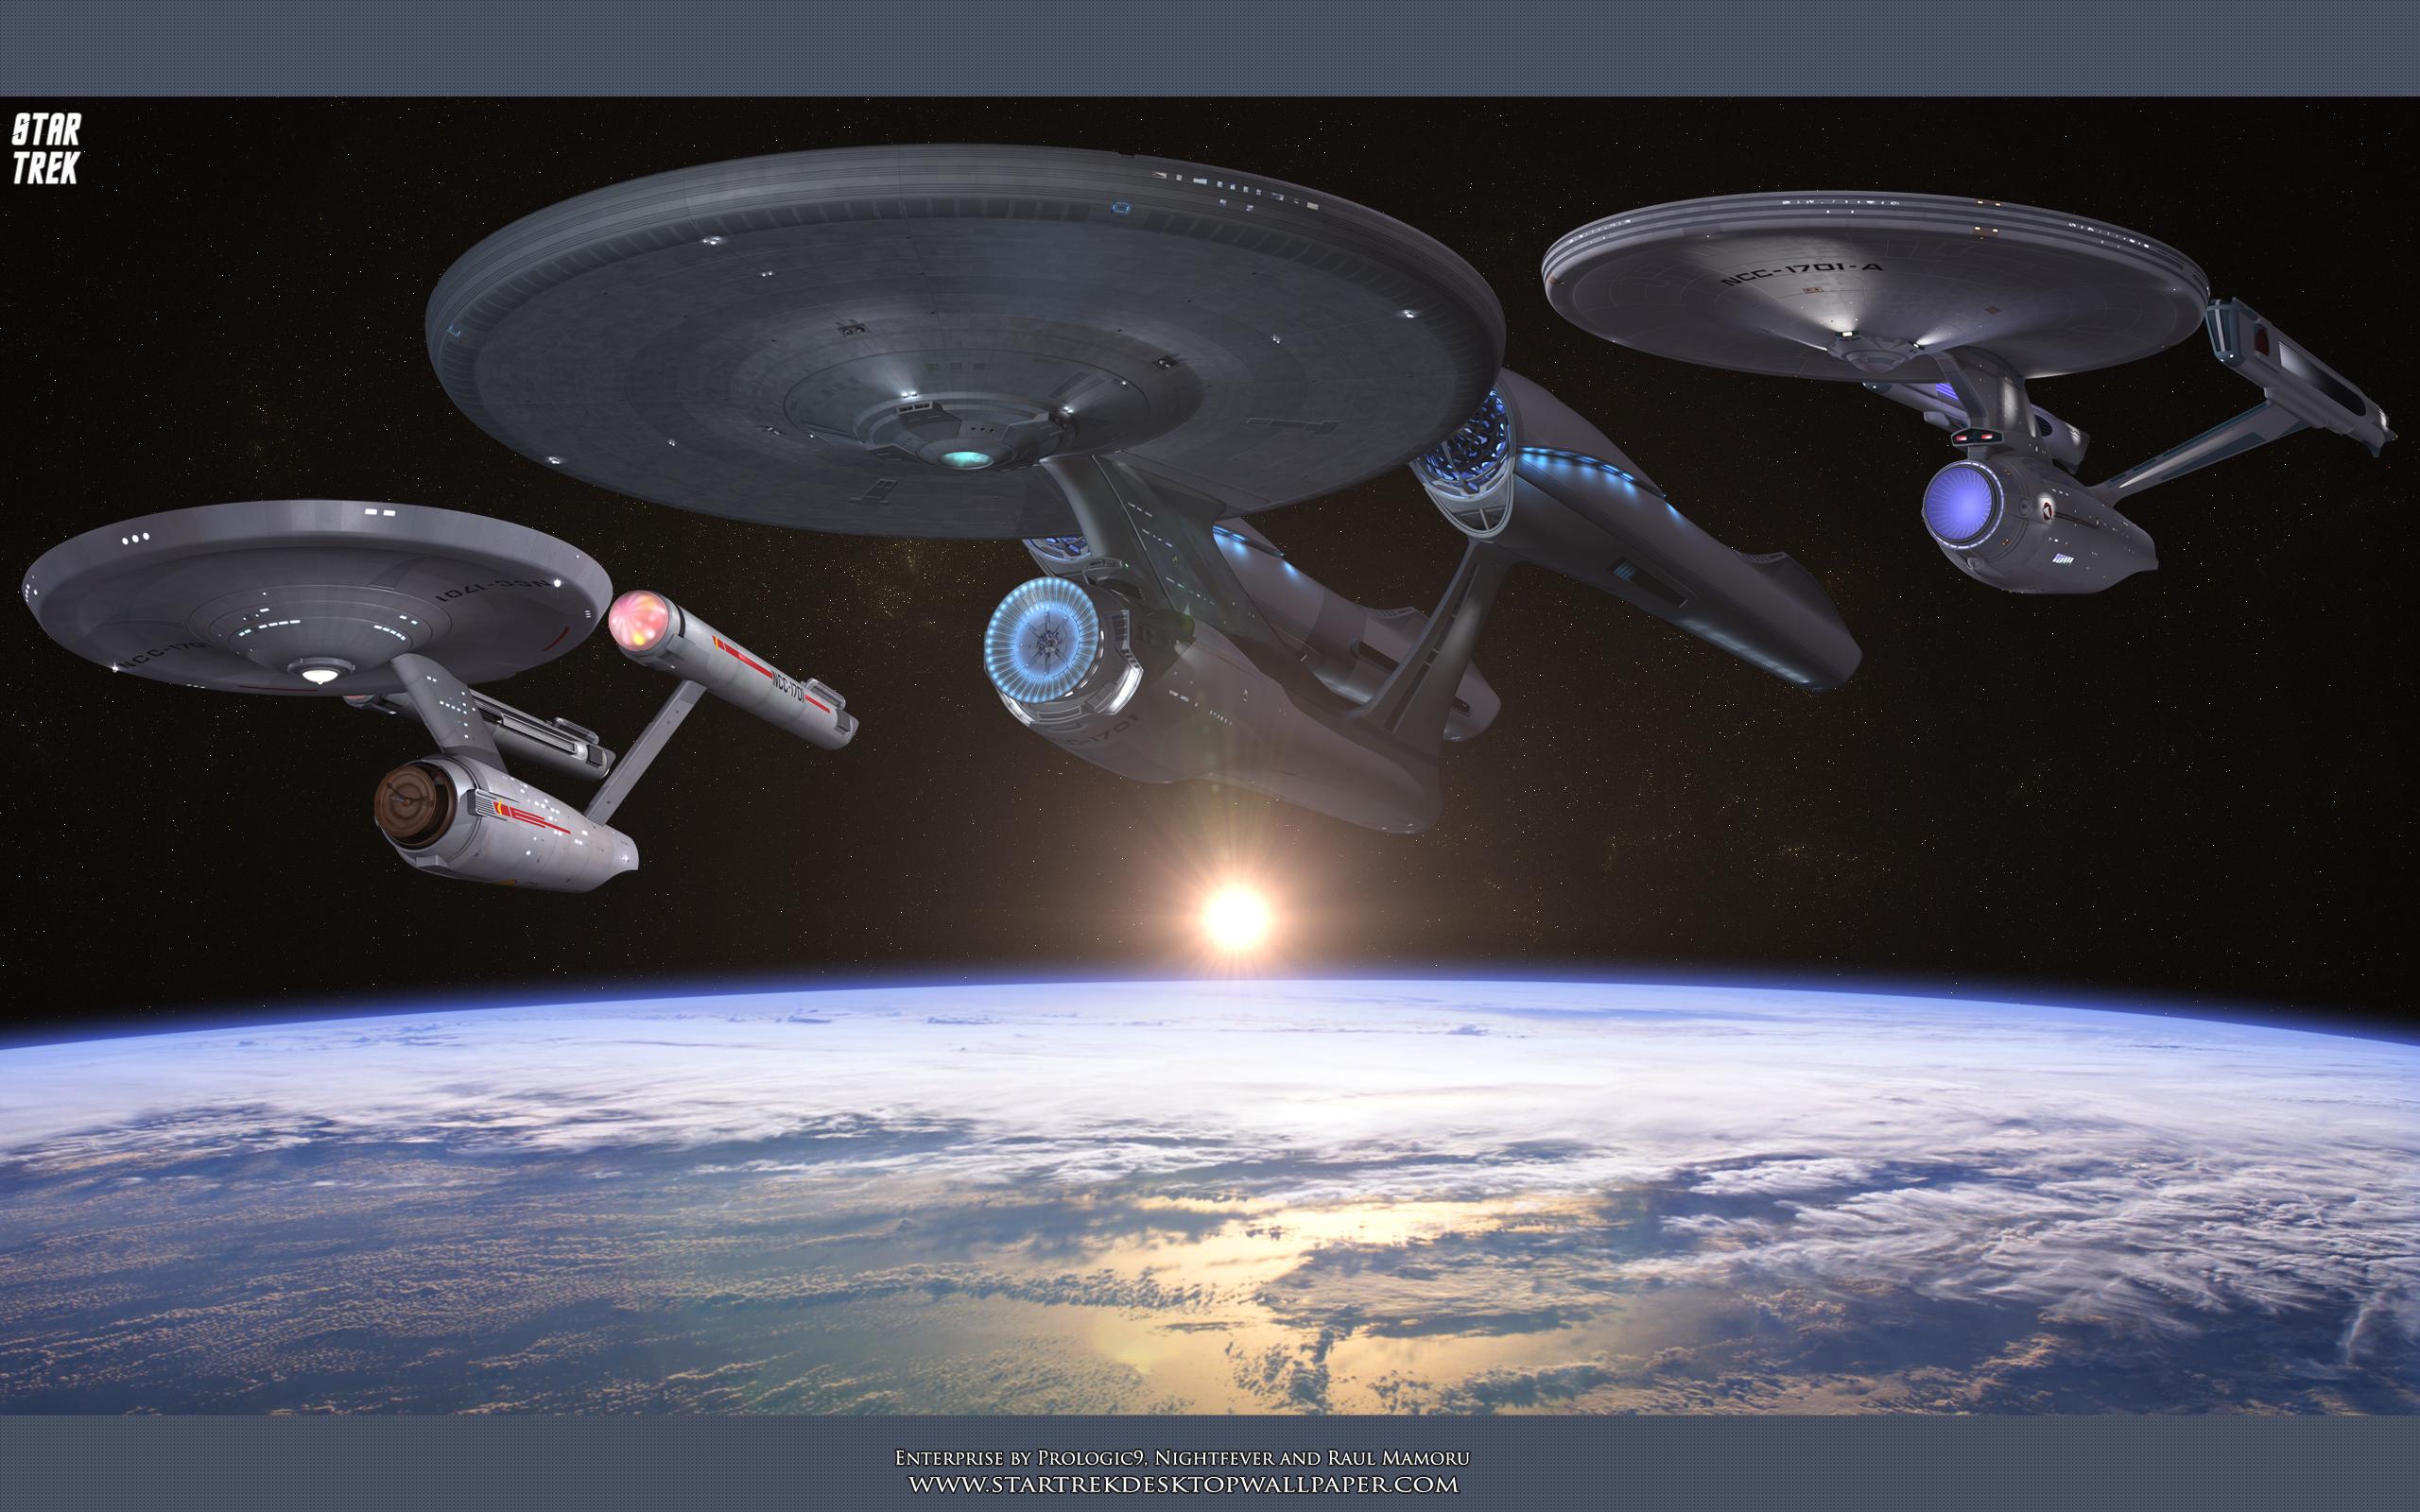 Abrams USS Enterprise Star Trek computer desktop wallpaper 2560x1600